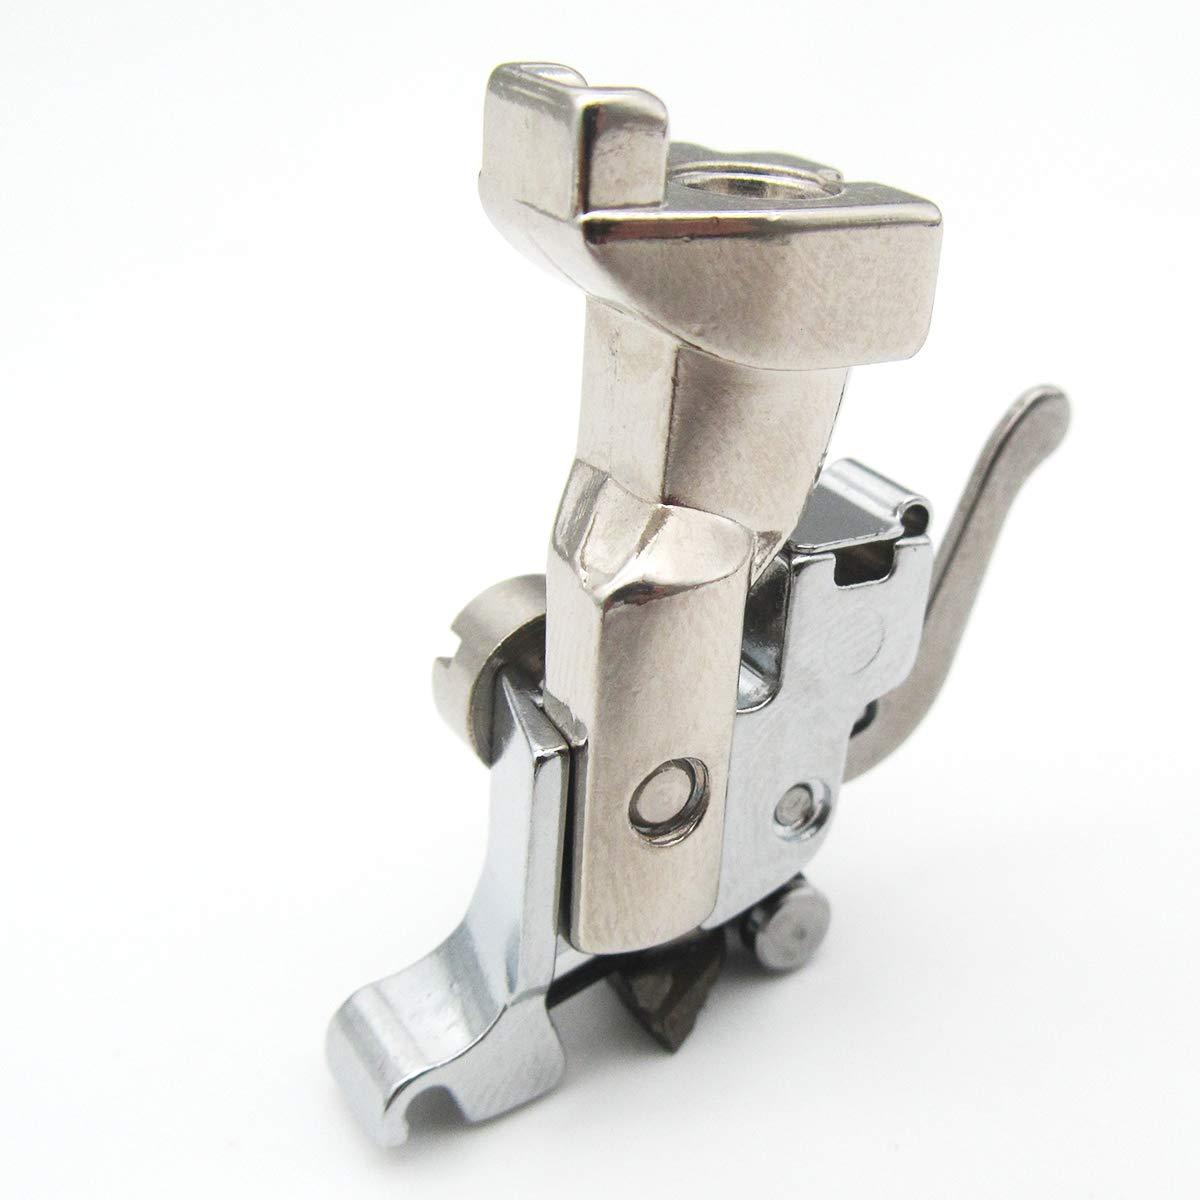 Kunpeng–1 set n. CY-7300L + 0083687000, adattatore per piedini premistoffa per Bernina New Style